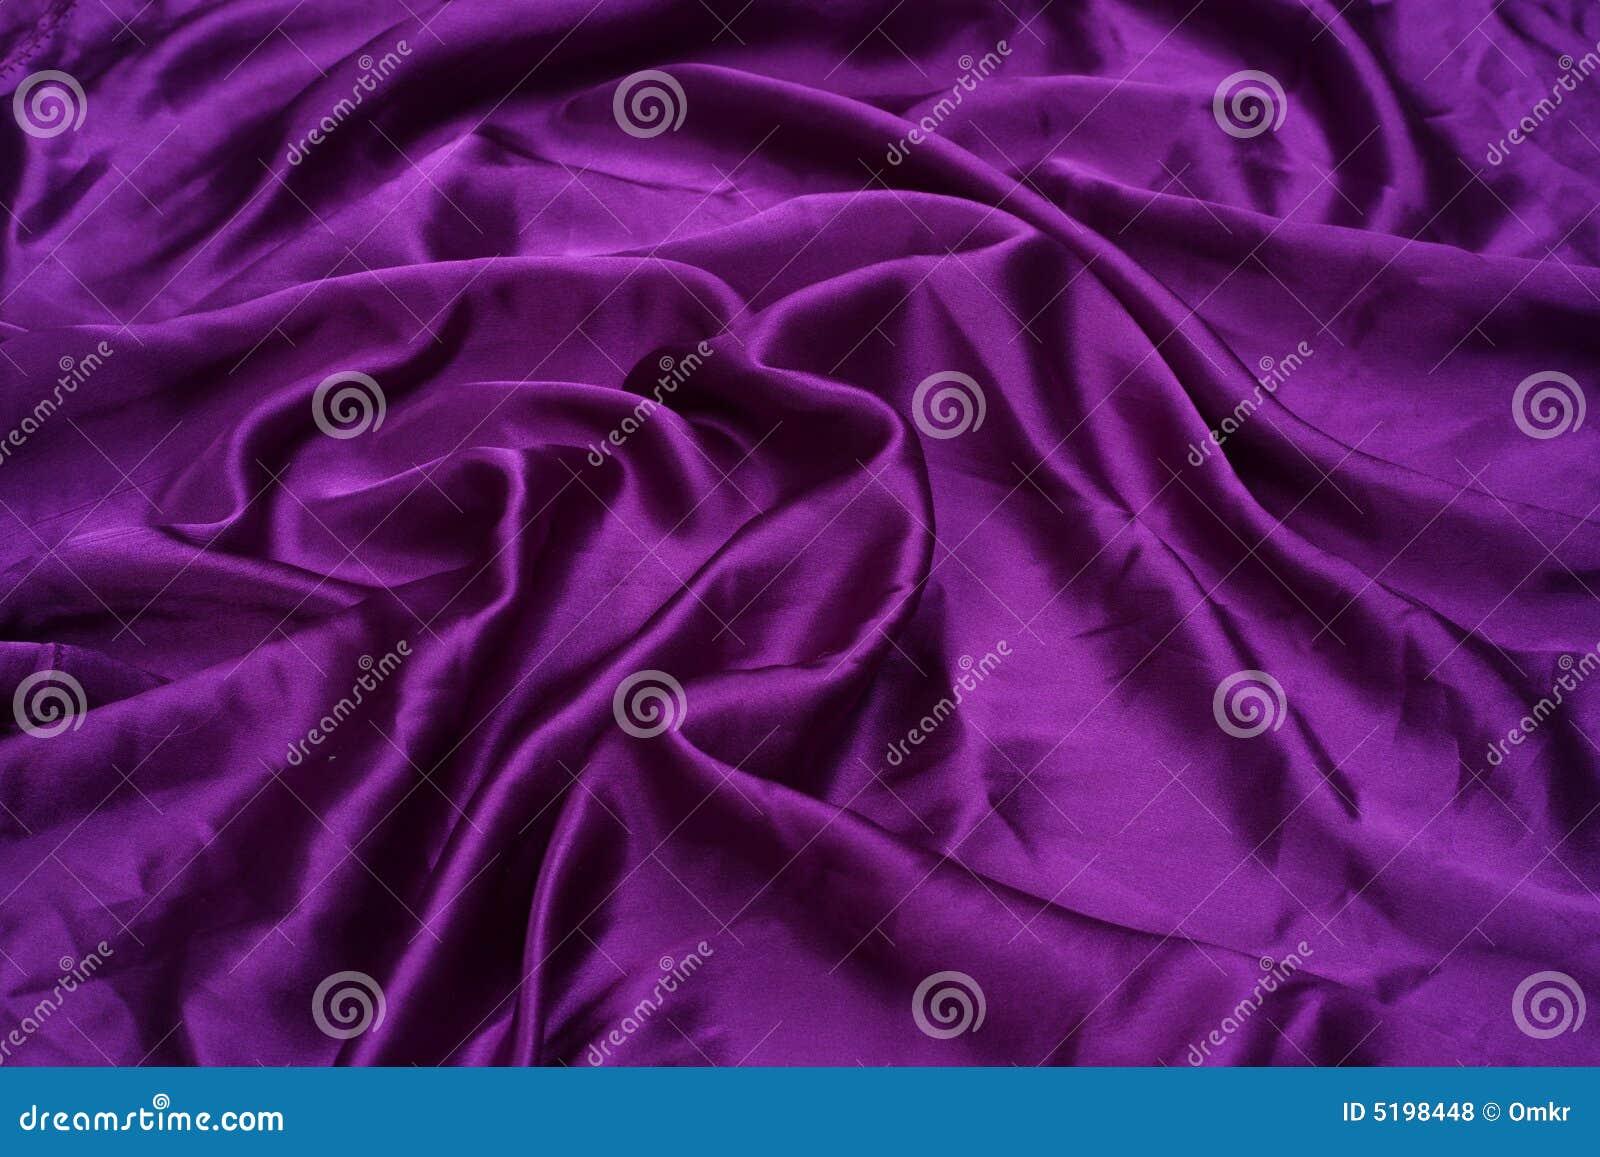 purple satin background stock photo image of clothing